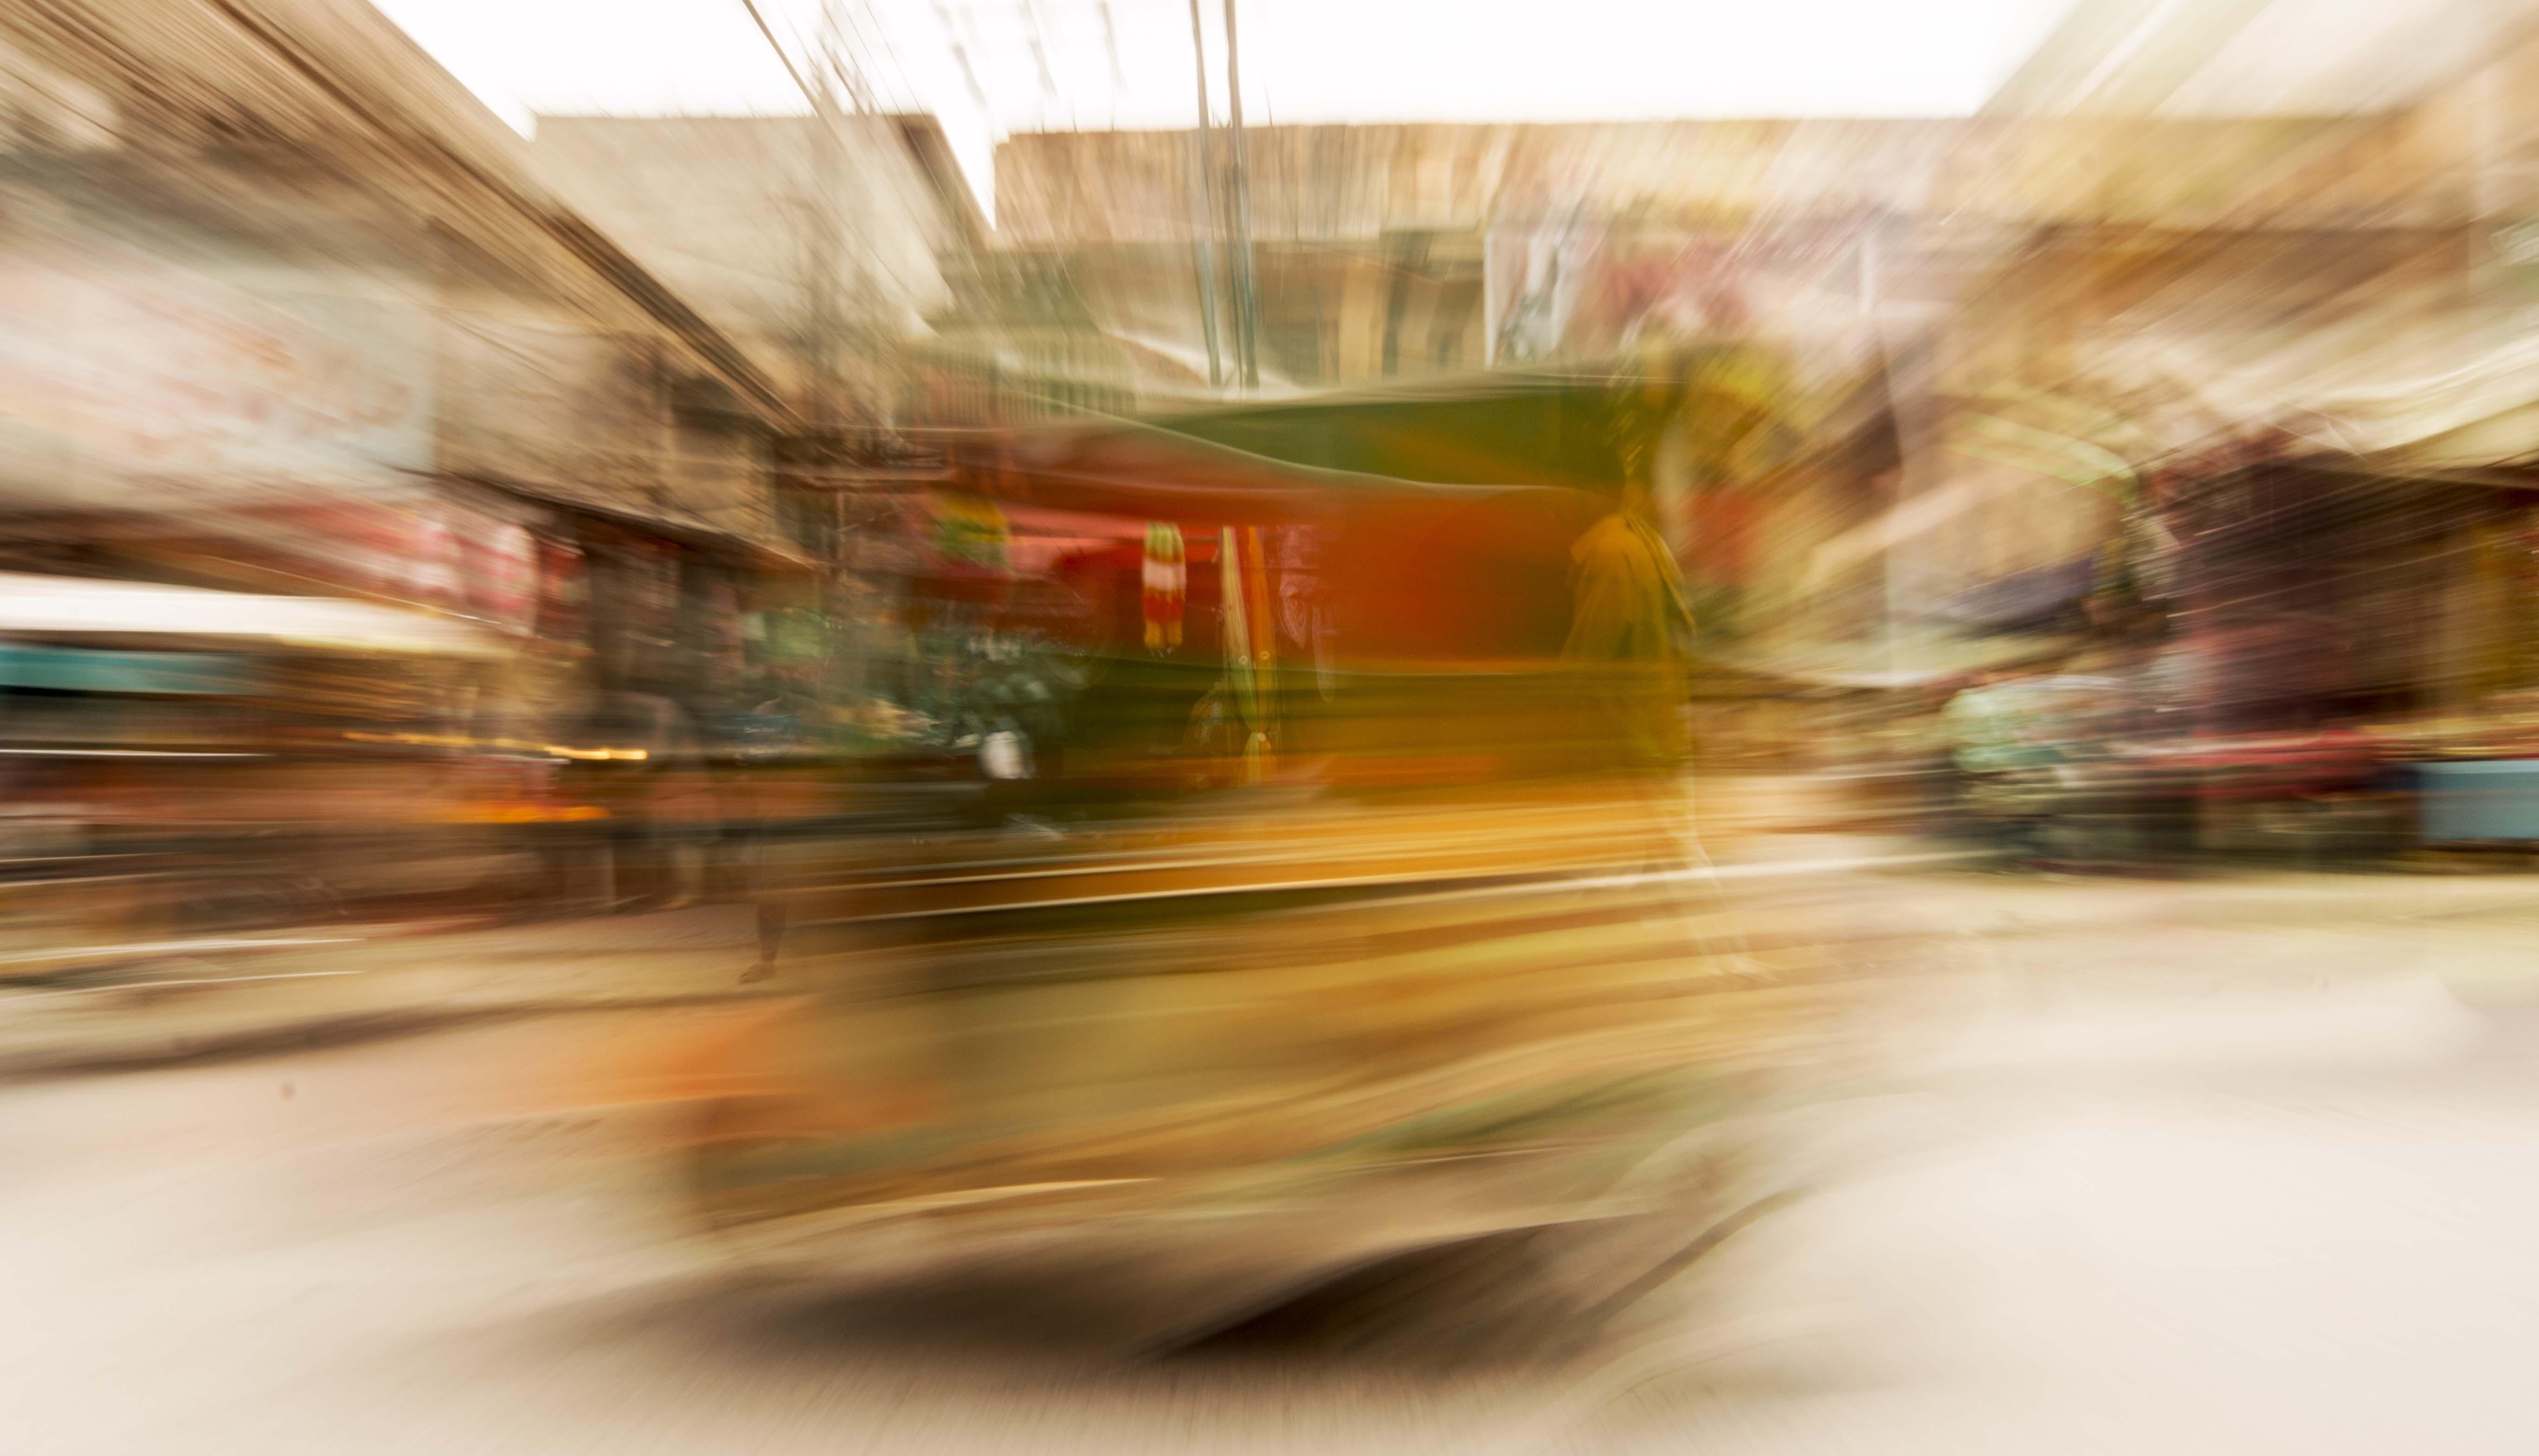 Rickshaw again